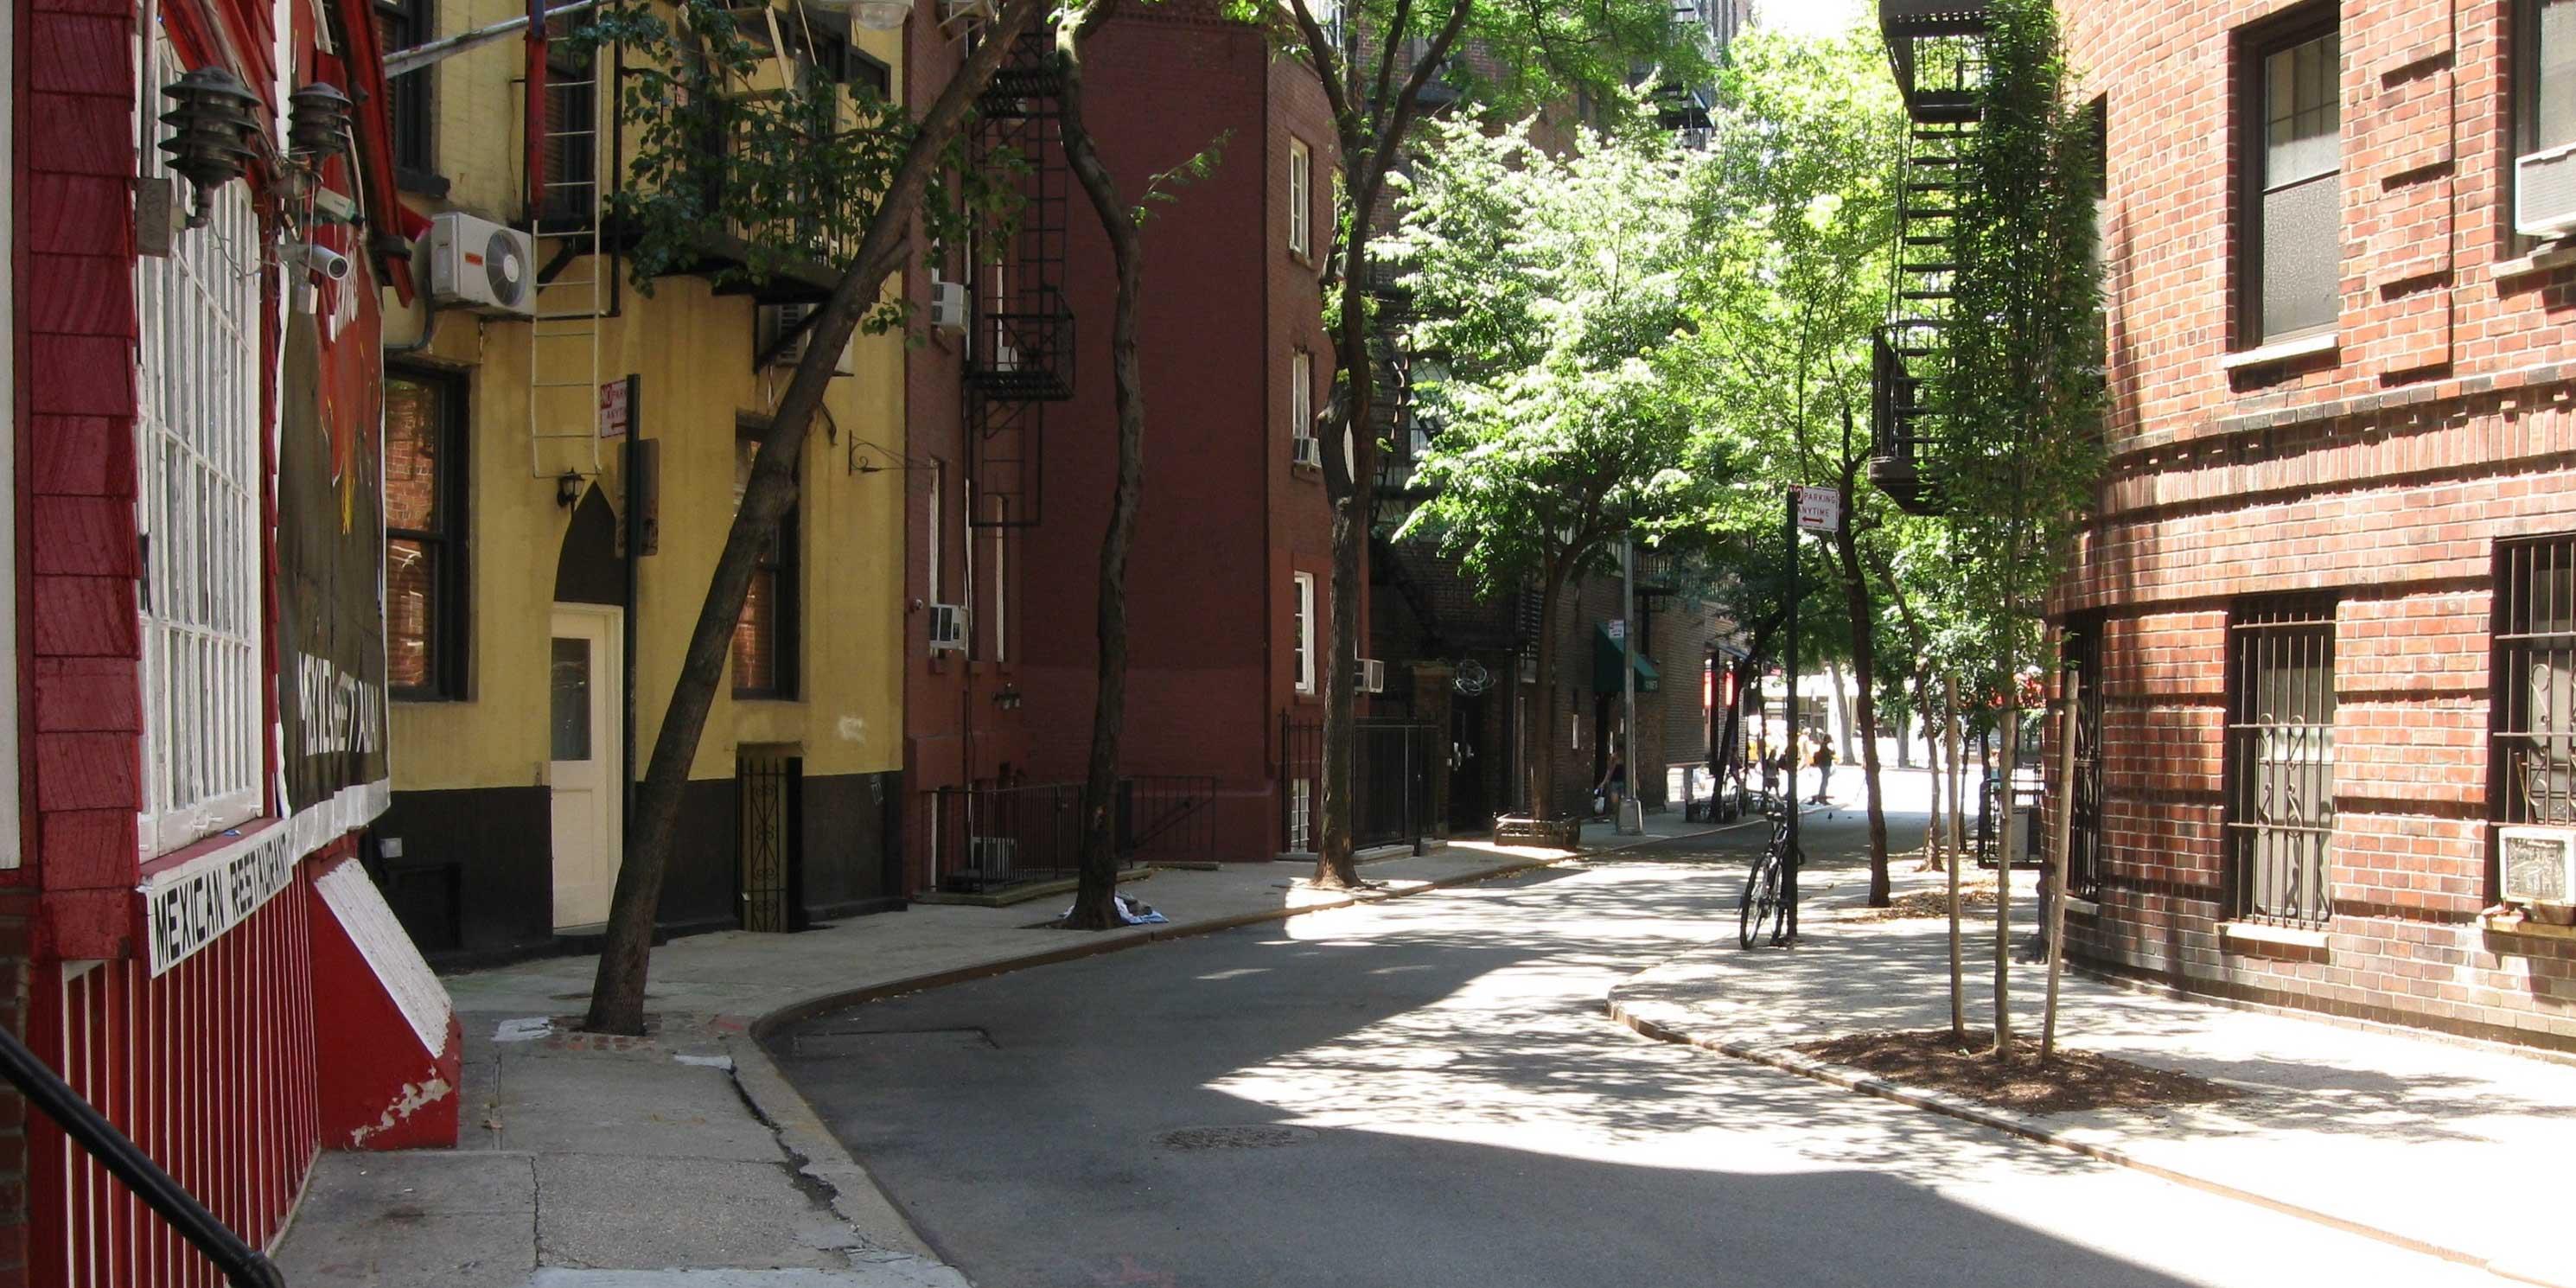 Minetta Lane in Greenwich Village